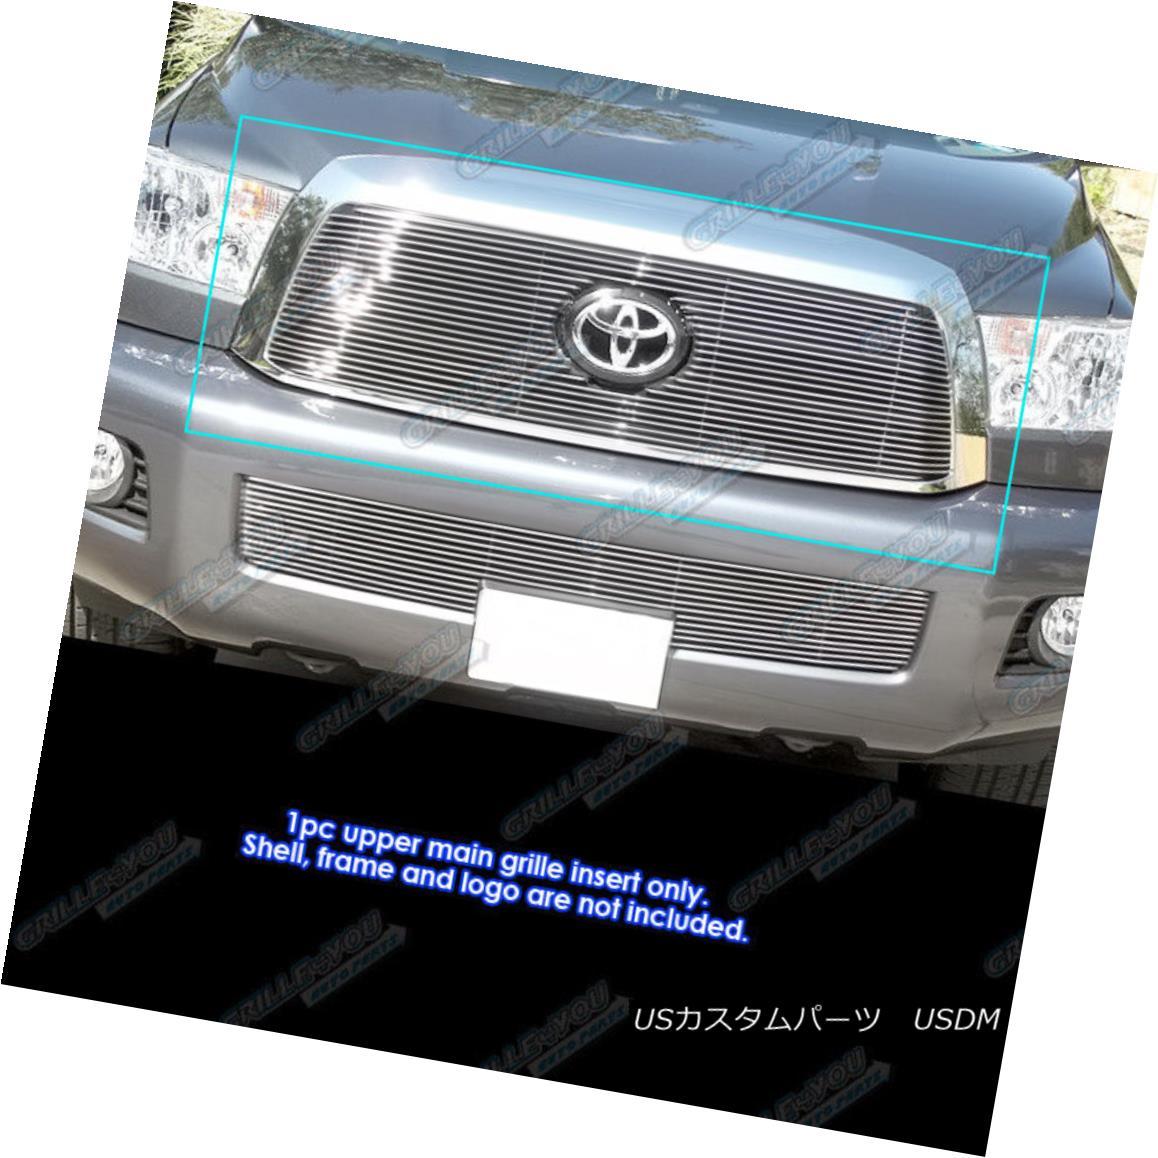 USグリル Fits 2008-2017 Toyota Sequoia Main Upper Billet Grille Insert フィット2008-2017トヨタセコイアメインアッパービレットグリルインサート